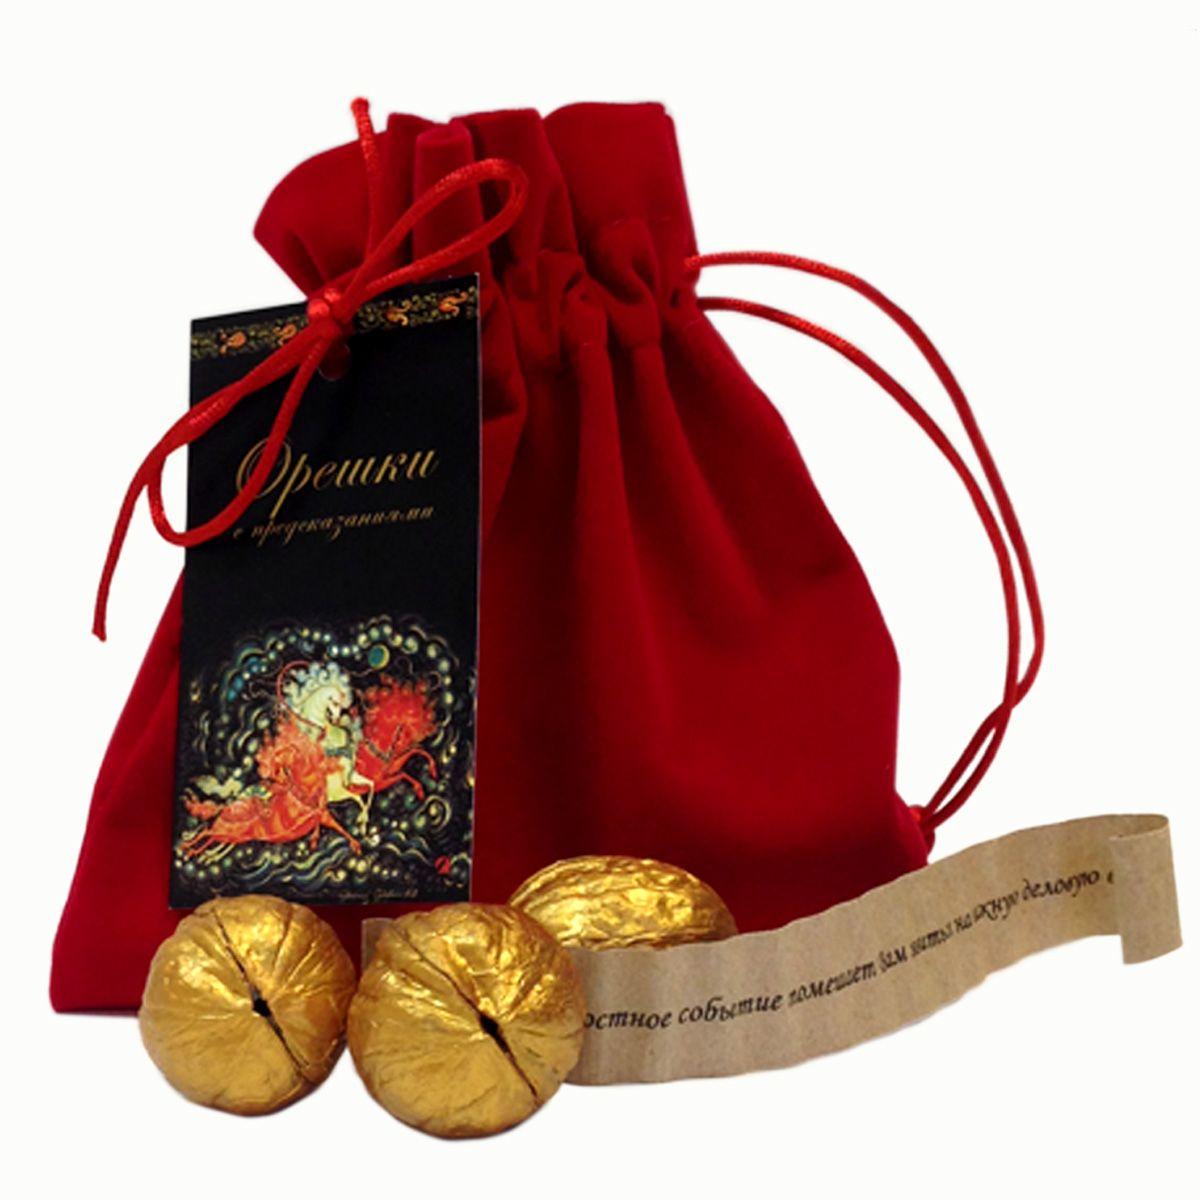 Мешочек подарочный Правила Успеха, с тремя орешками с предсказаниями4610009213422Состав подарка:Золотые Орешки с предсказанием, 3 шт, Бархатный мешочек.Мы нашли и отобрали лучшие грецкиеорехи, очистили скорлупу от ореха,положили туда записку с пожеланием ипокрасили орех золотой краской.